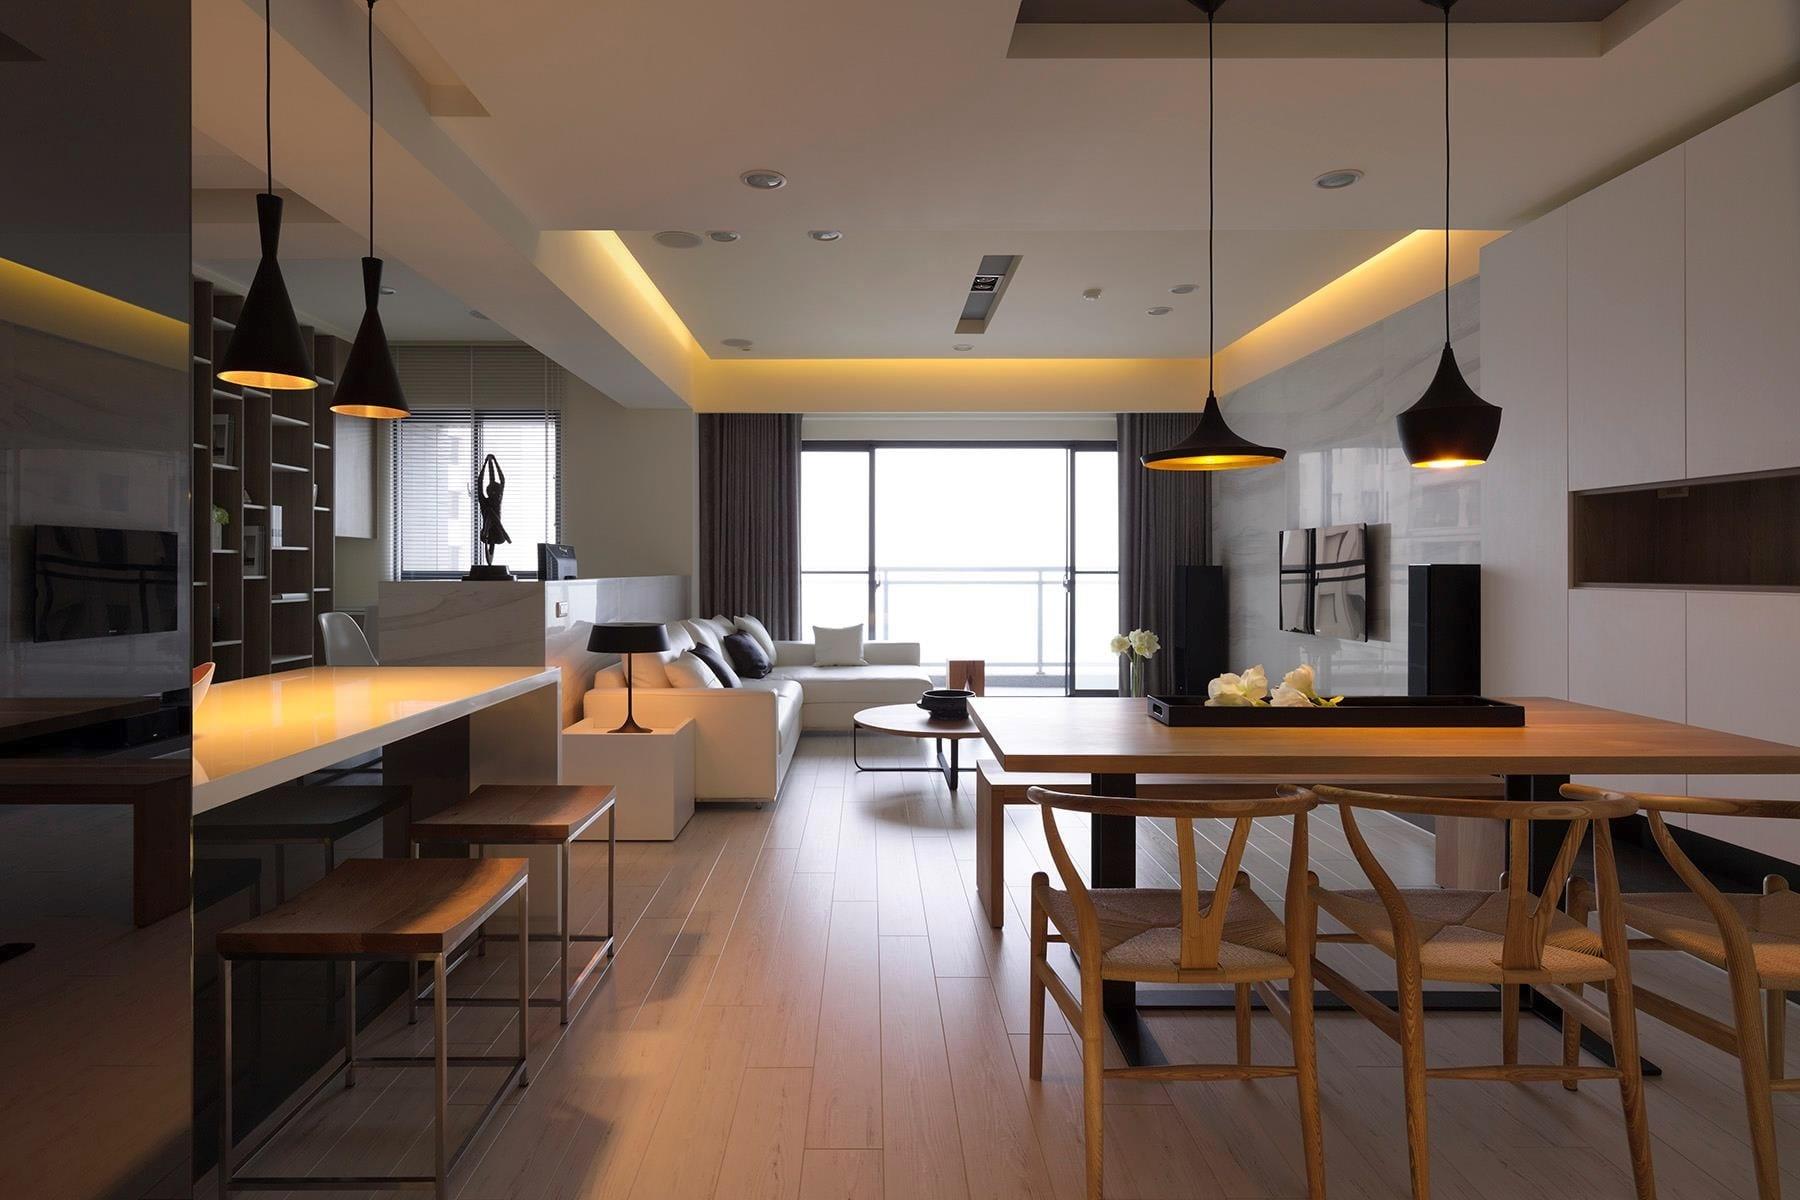 Moderne luxus esszimmer  luxus wohnzimmer-raumgestaltung wohn esszimmer - fresHouse